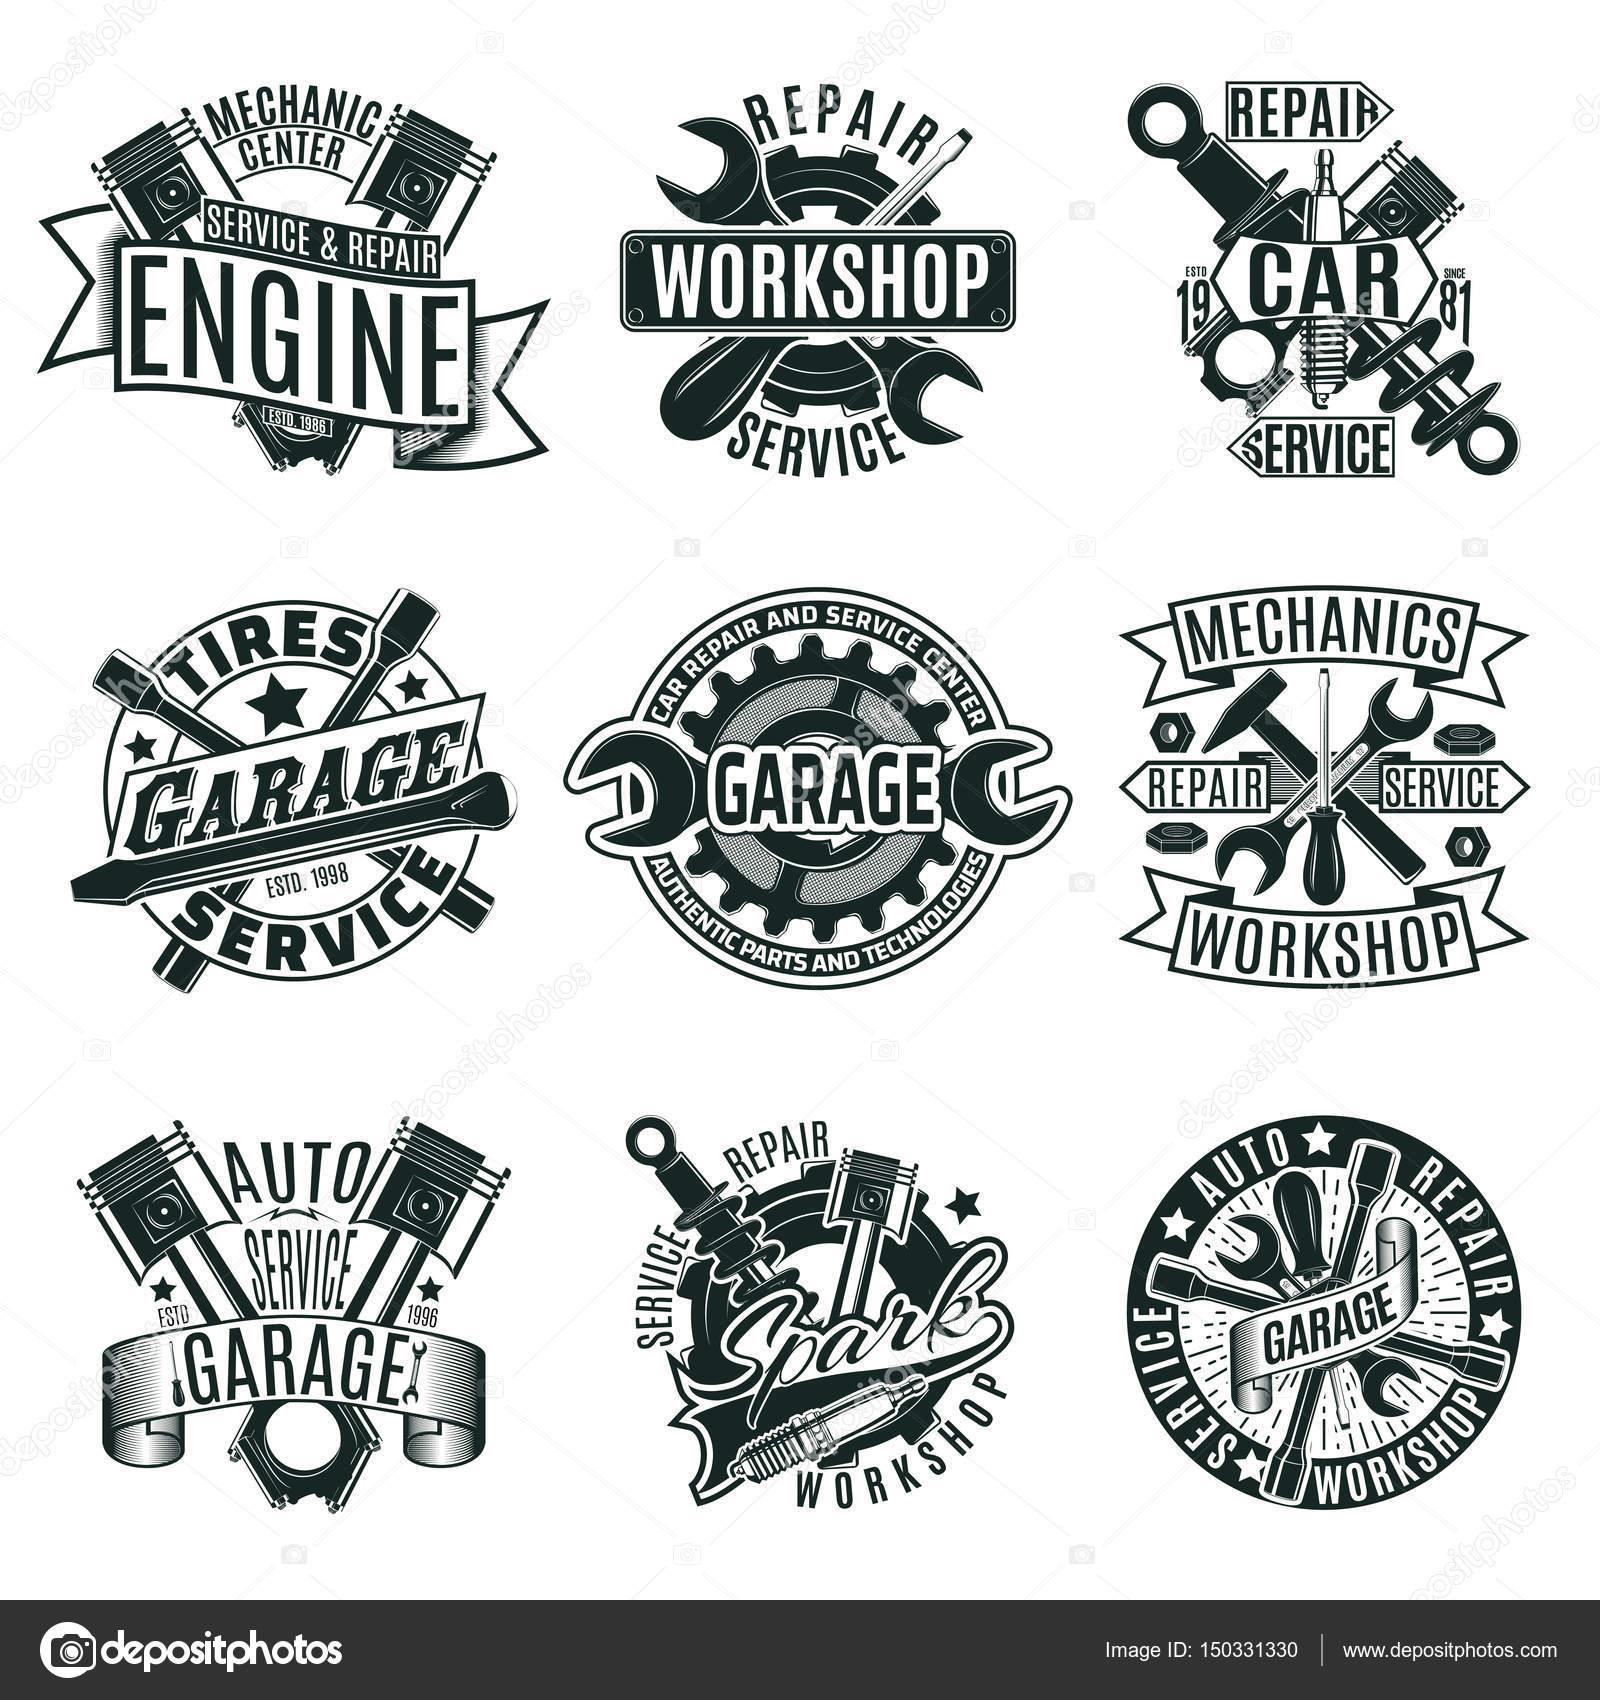 Imagenes De Logos Mecanicos